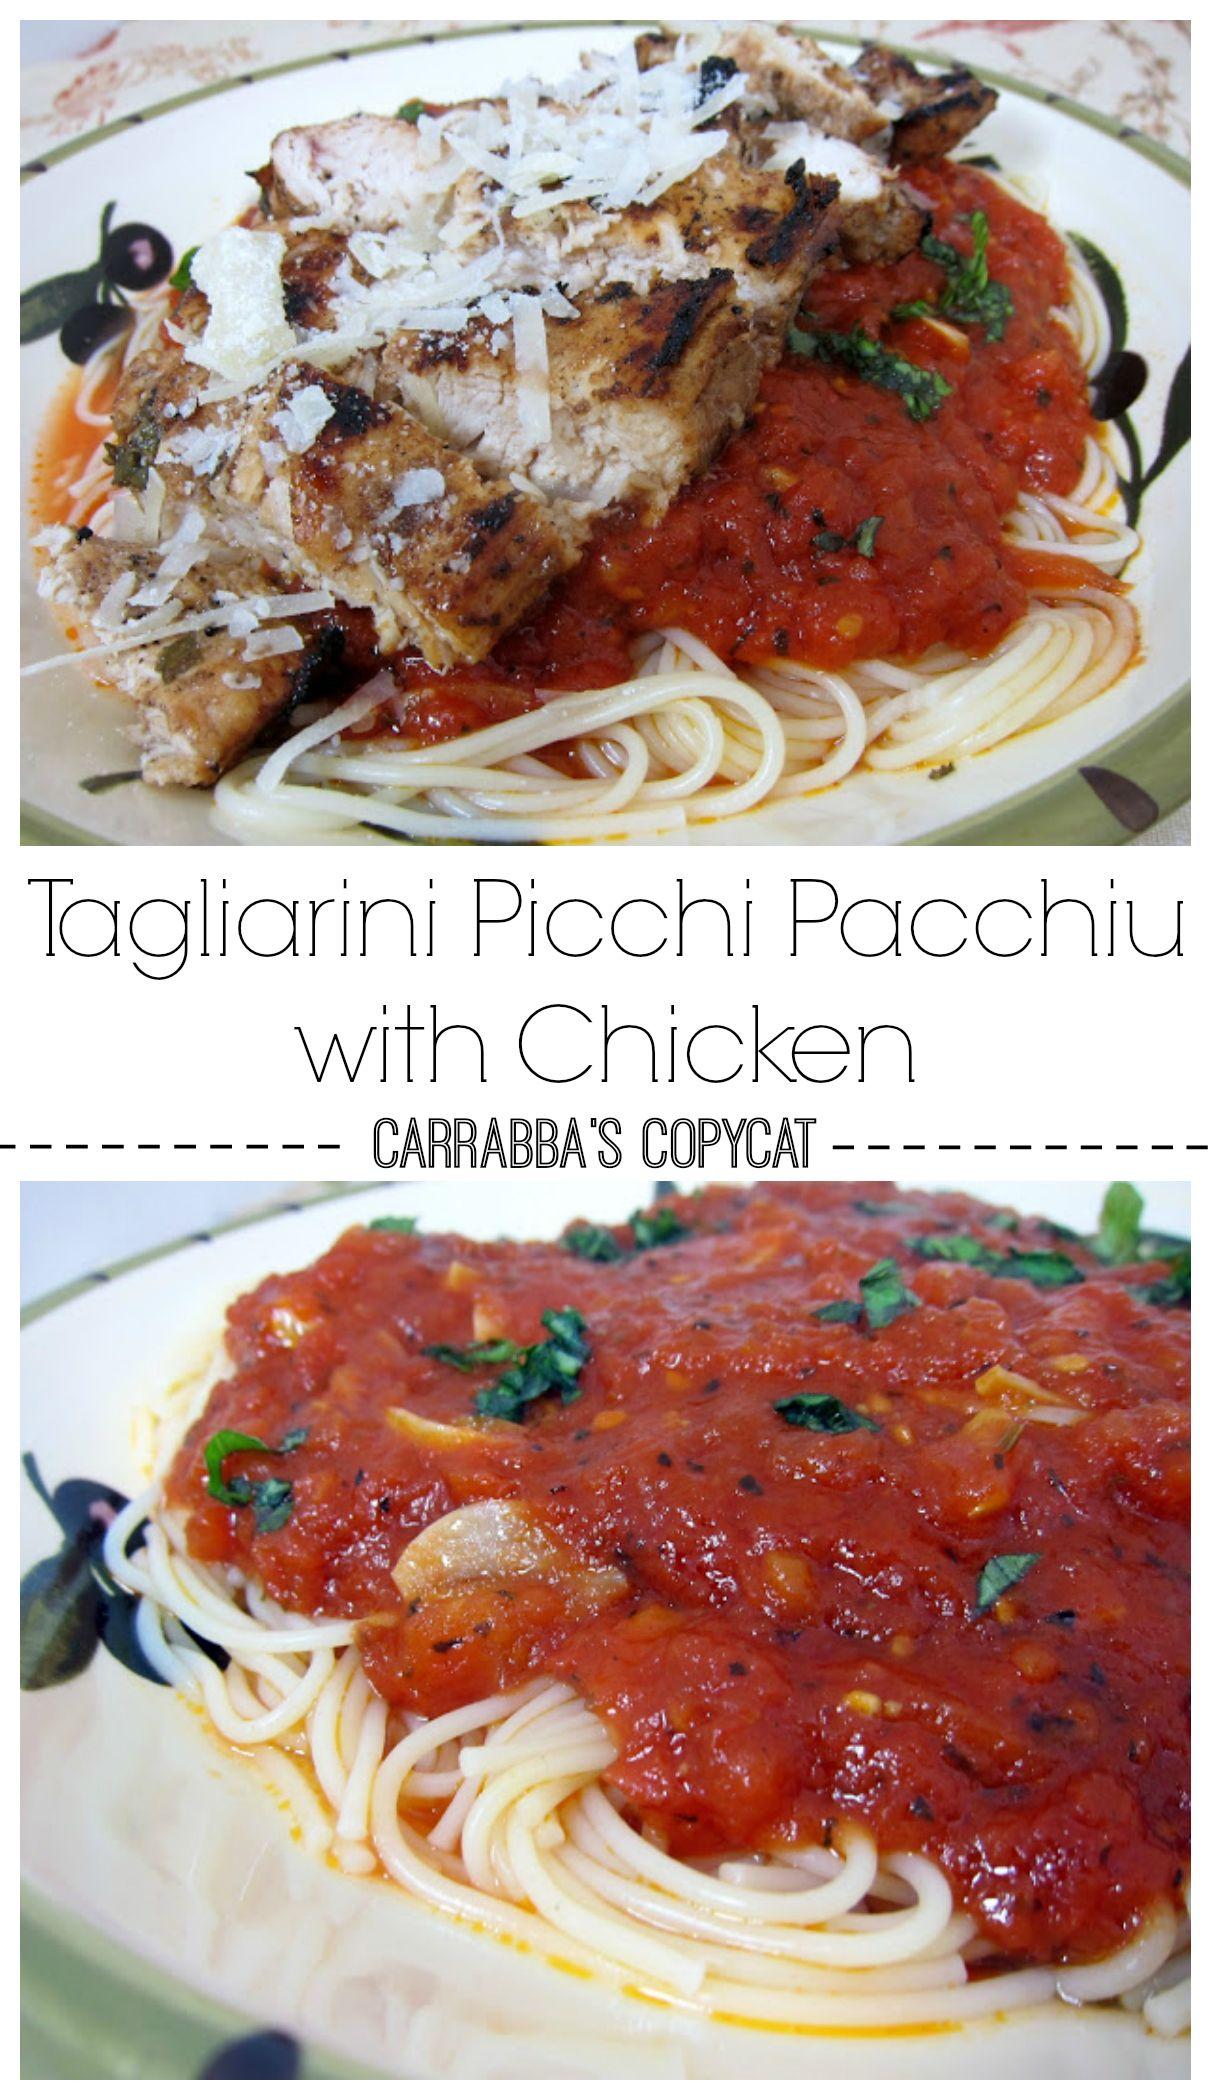 Tagliarini Picchi Pacchiu With Chicken Carrabba S Copycat Recipe Best Pasta Dishes Chicken Recipes Italian Recipes